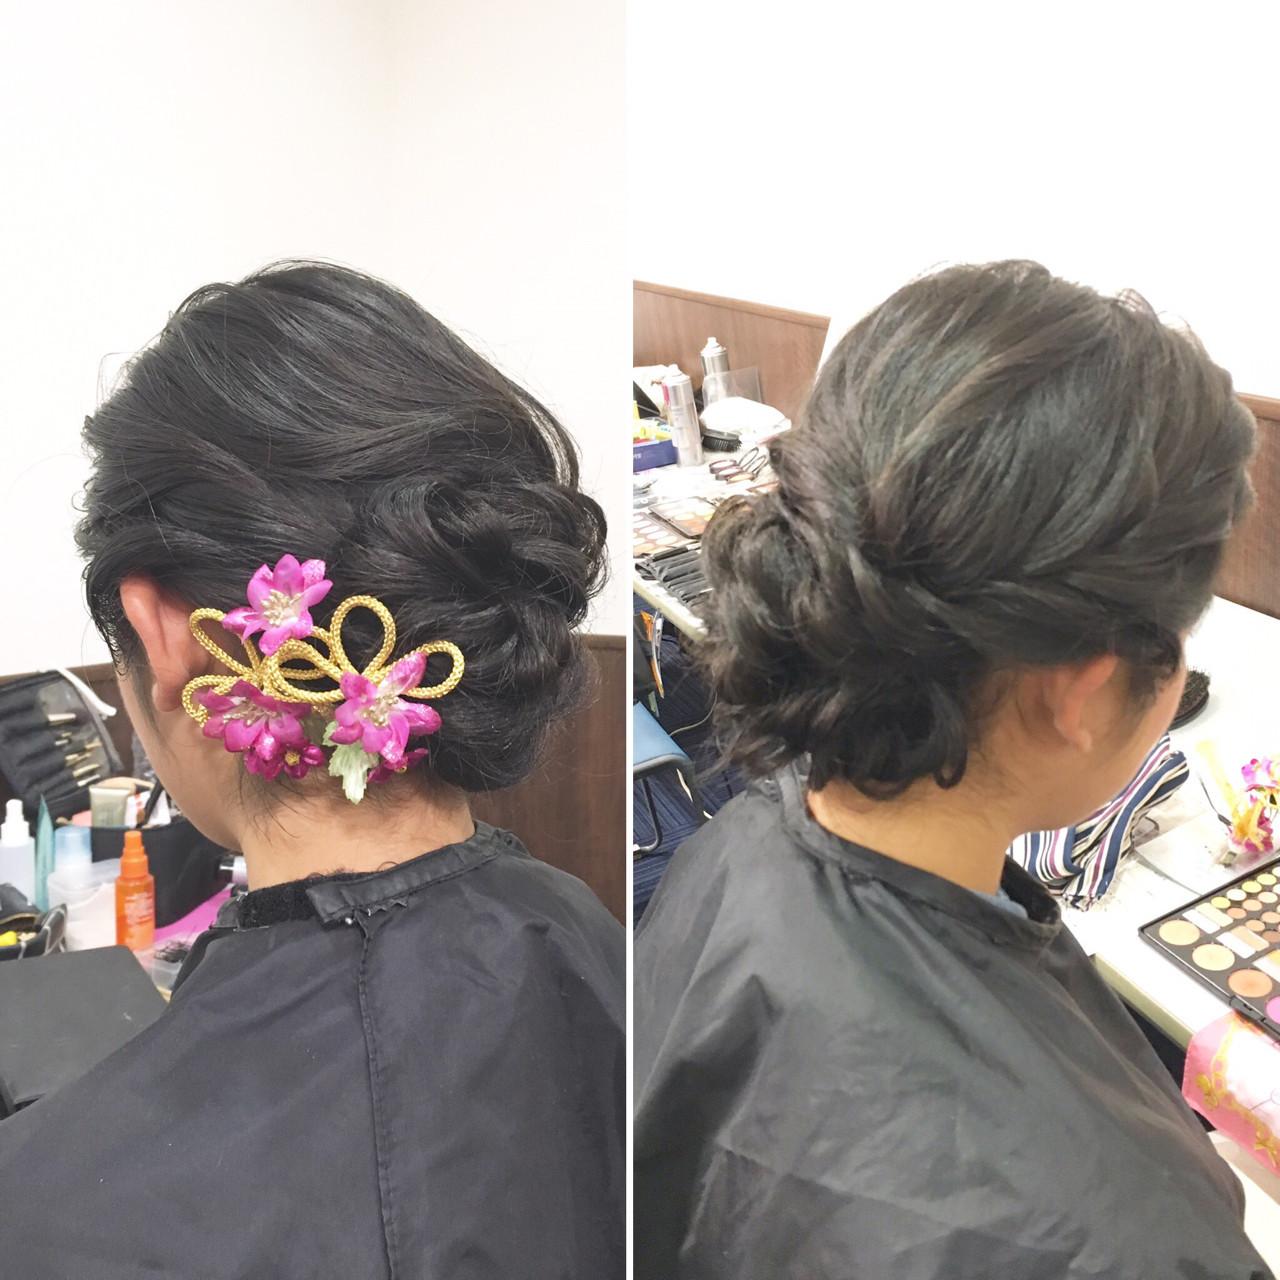 上品 エレガント セミロング 編み込み ヘアスタイルや髪型の写真・画像